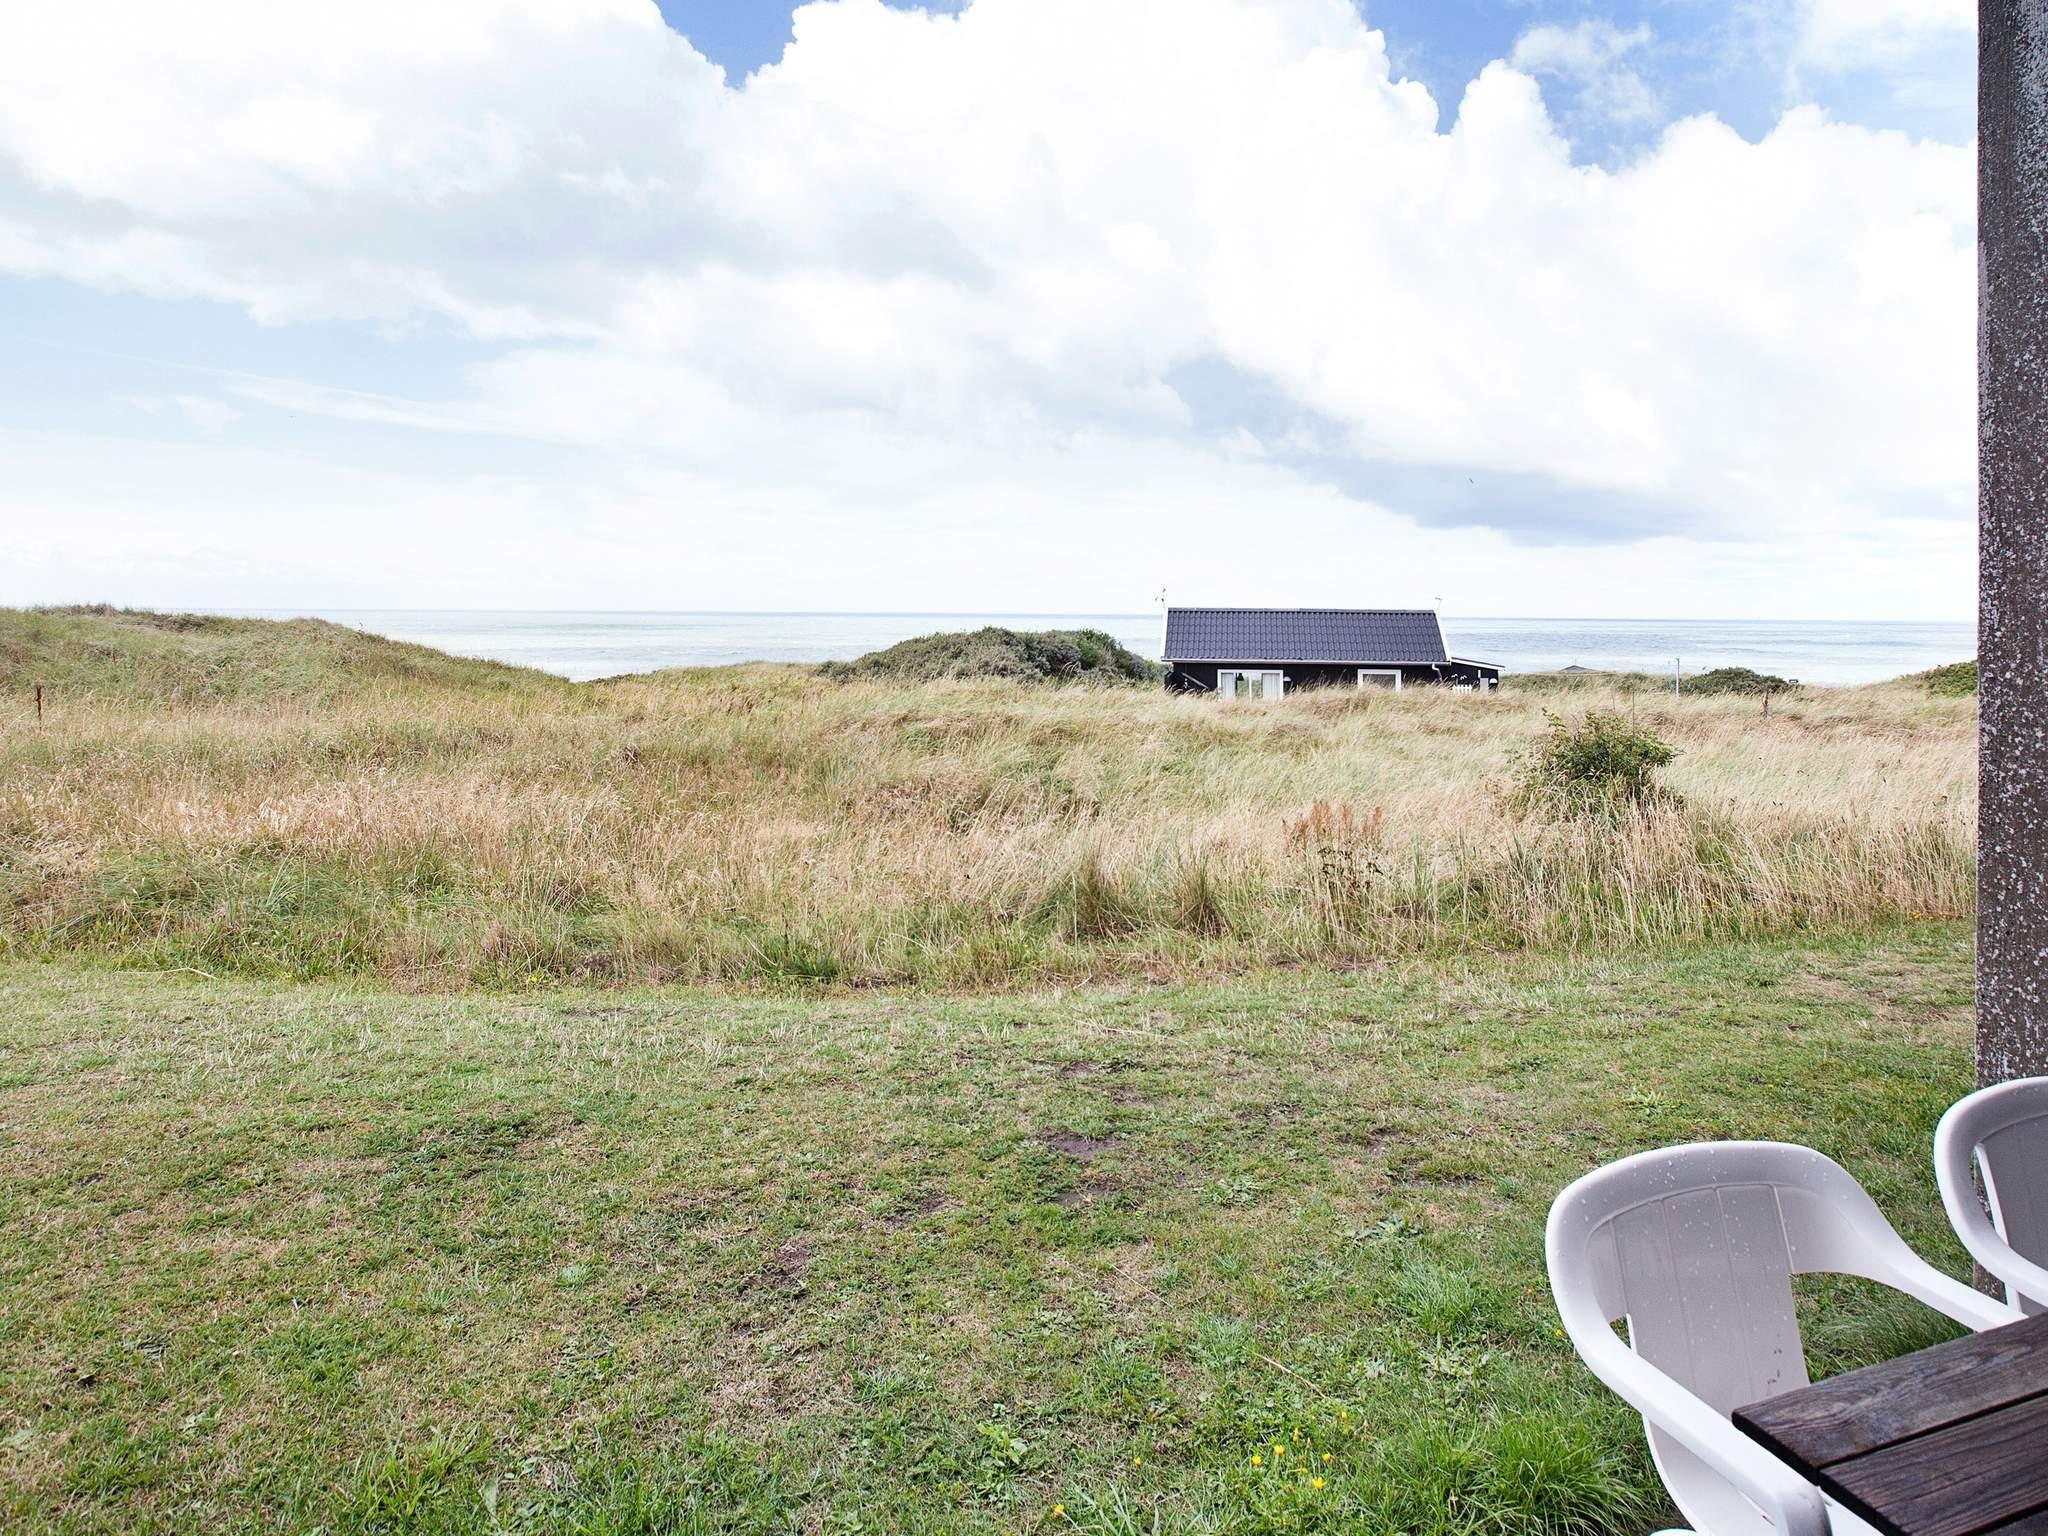 Ferienwohnung Hirtshals - Typ 1 - 2 Zimmer m/Meerblick (382686), Hirtshals, , Nordwestjütland, Dänemark, Bild 9